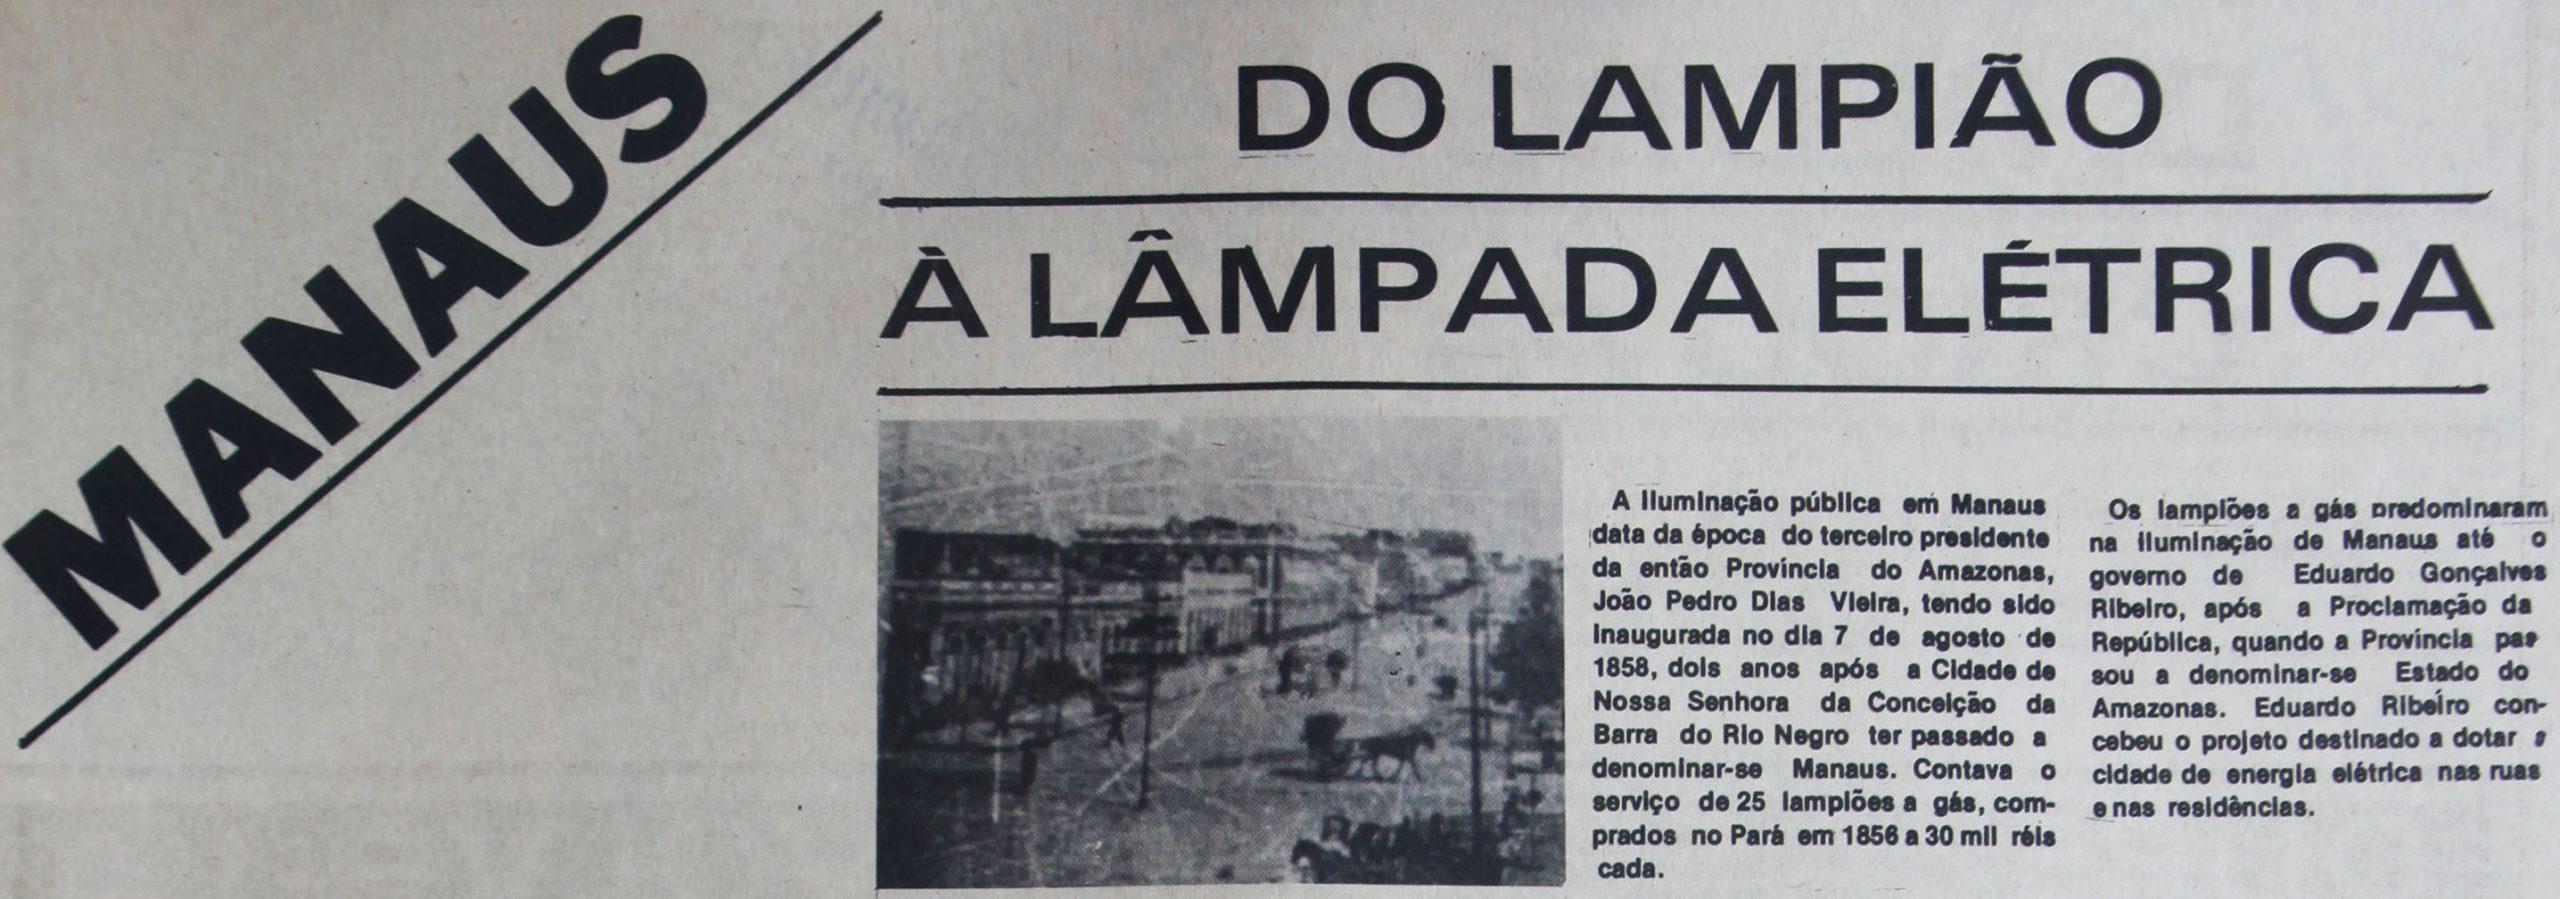 Manaus, do lampião à lâmpada elétrica